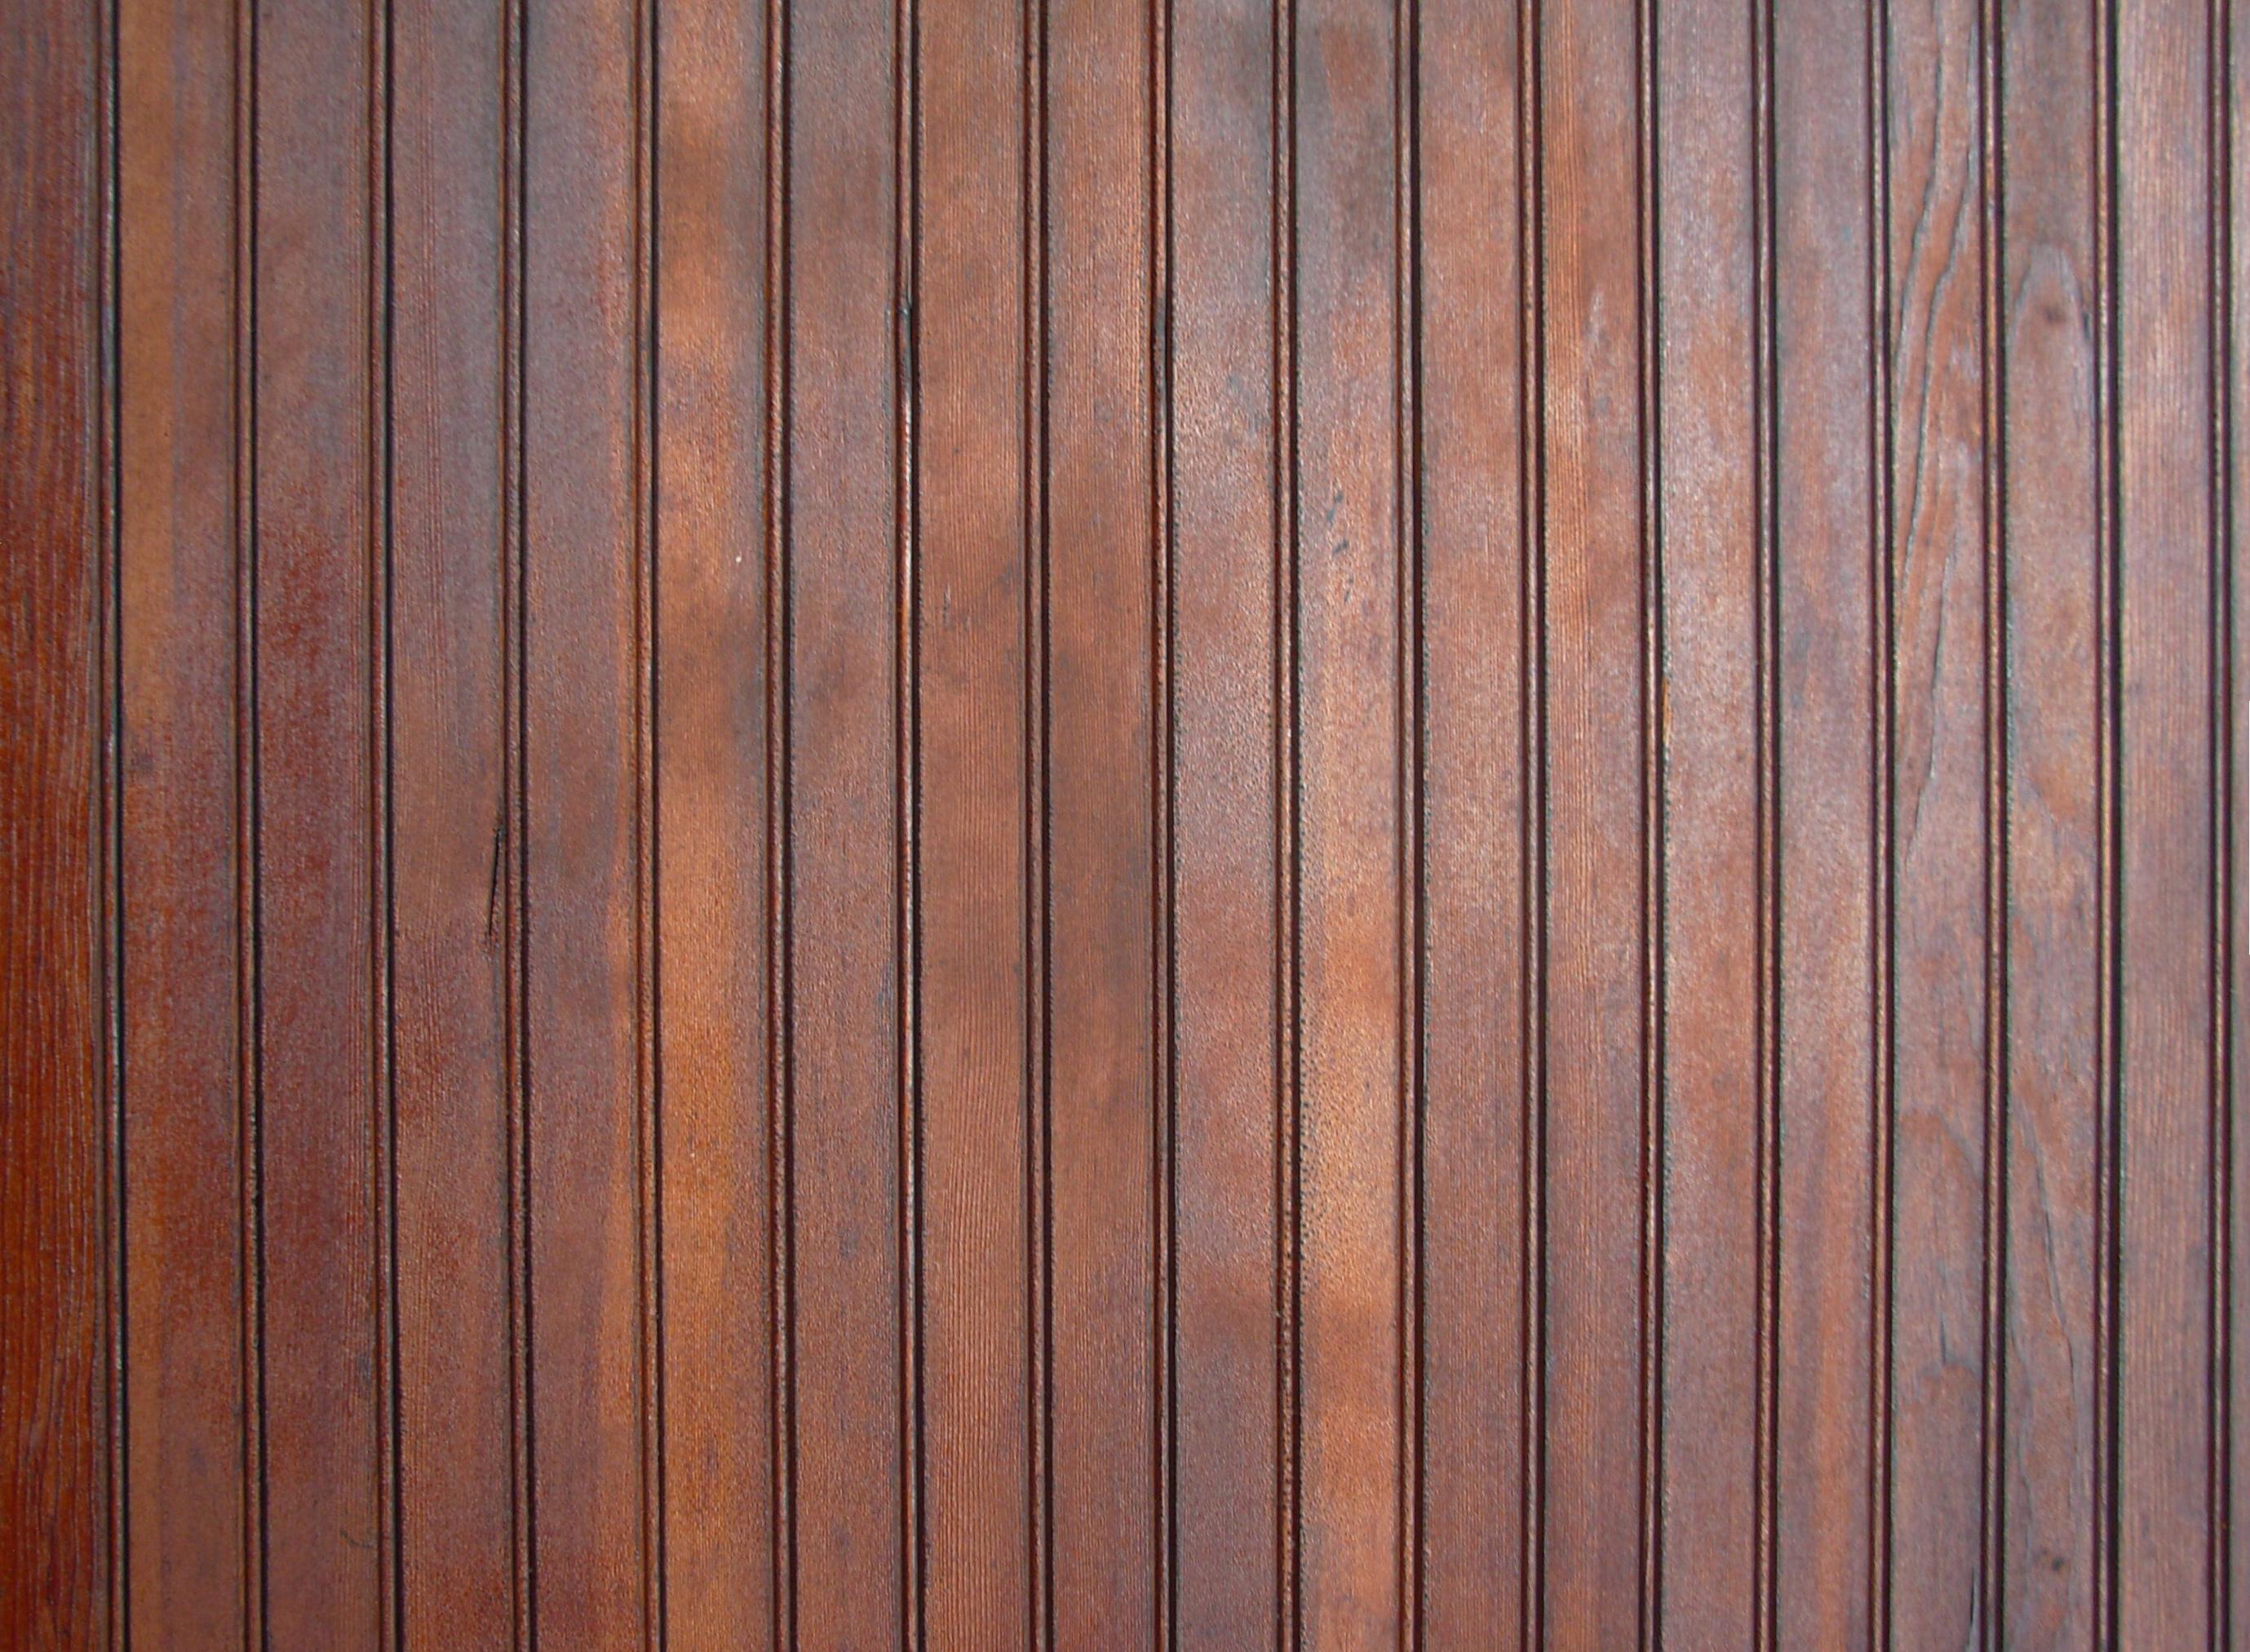 Wooden Floor By Bean Stock